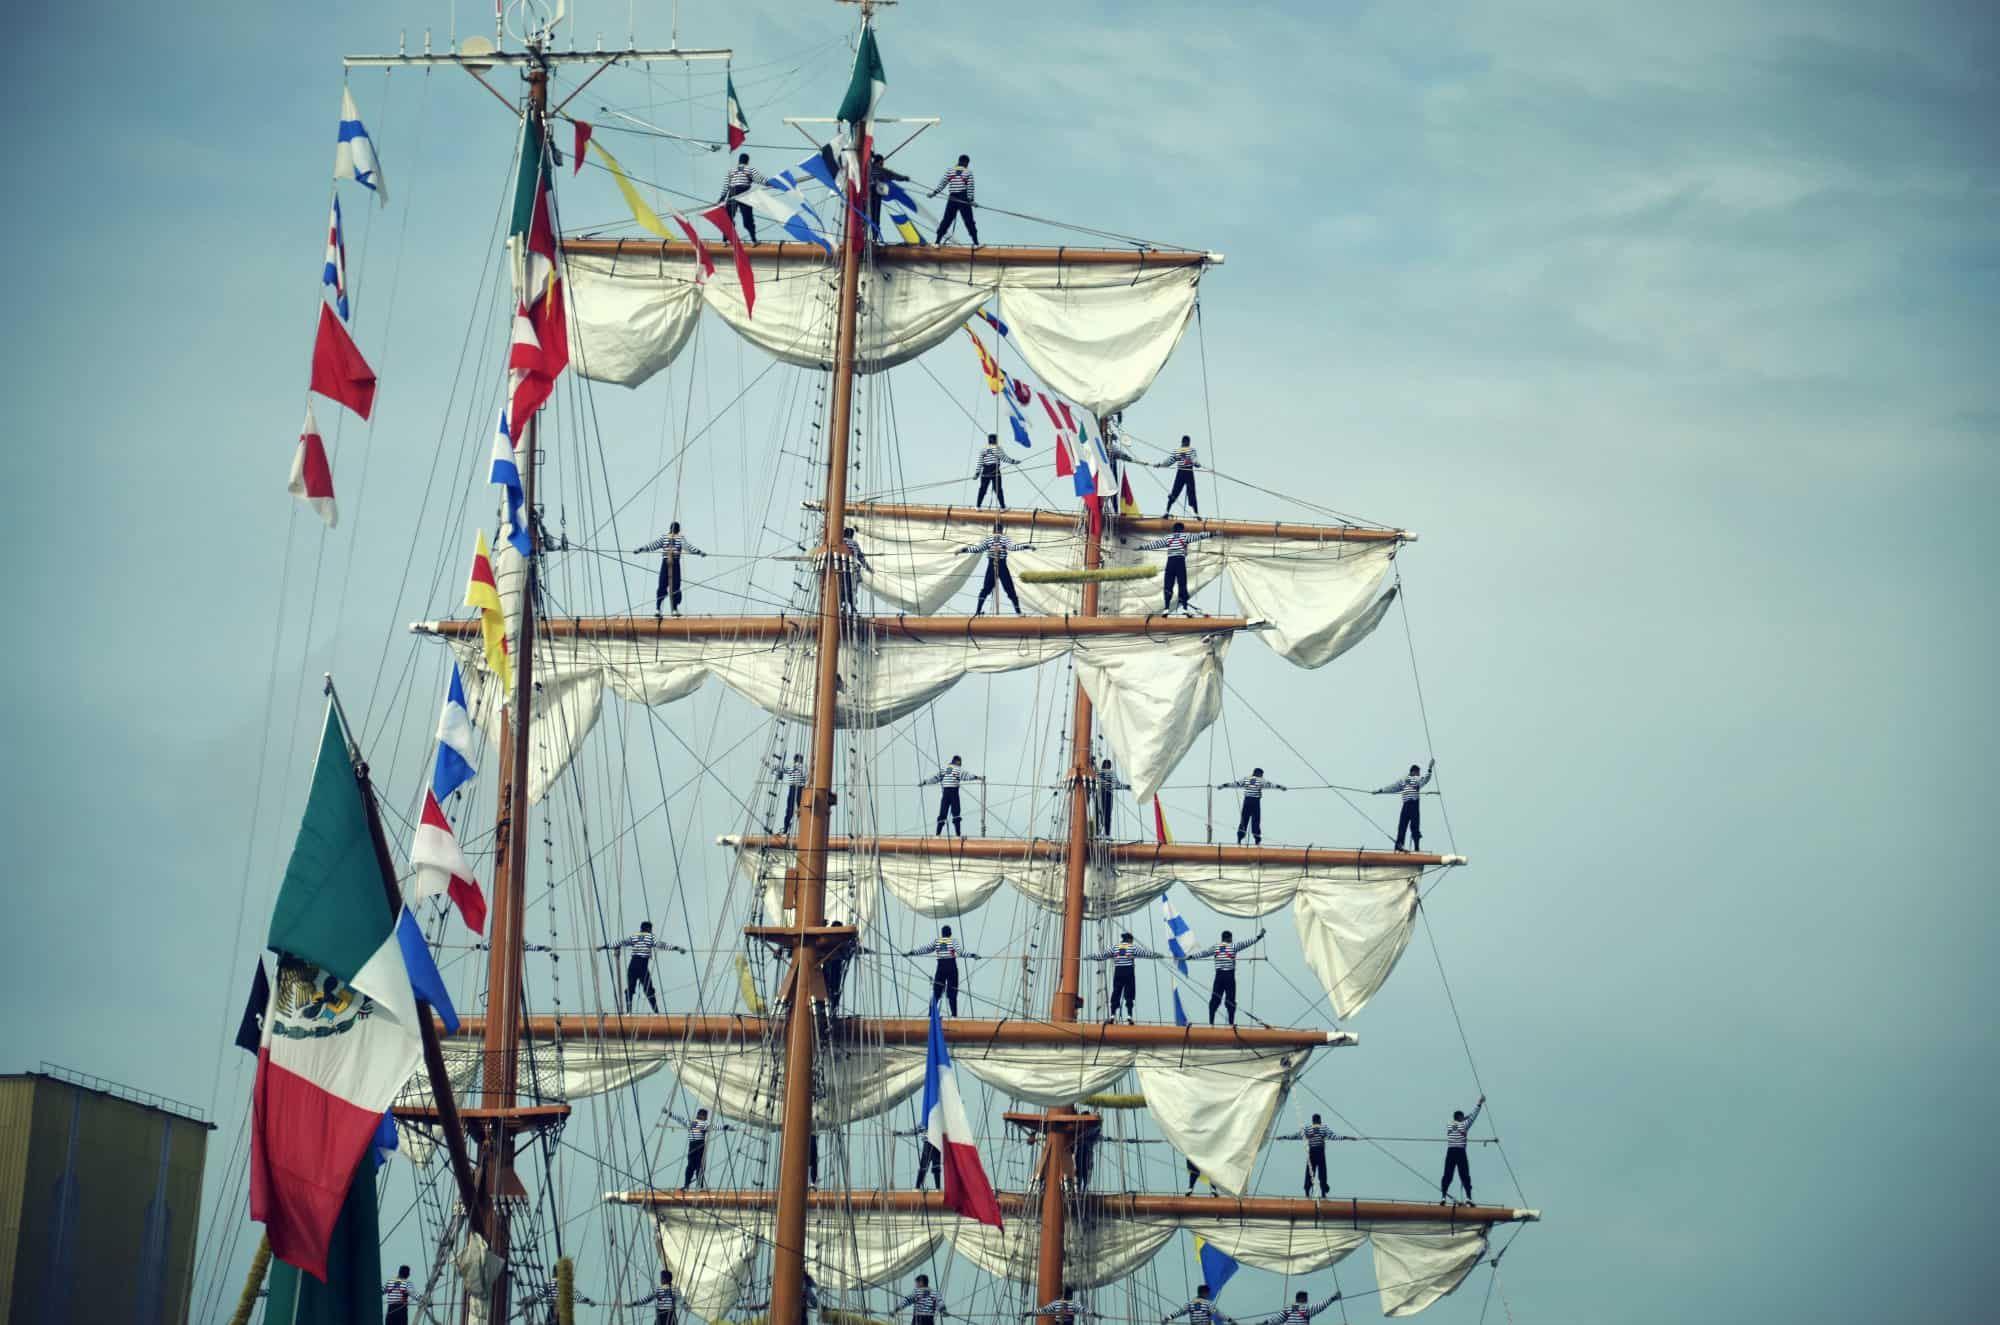 La Parade des grands voiliers au Manoir de Villers, dimanche 16 juin